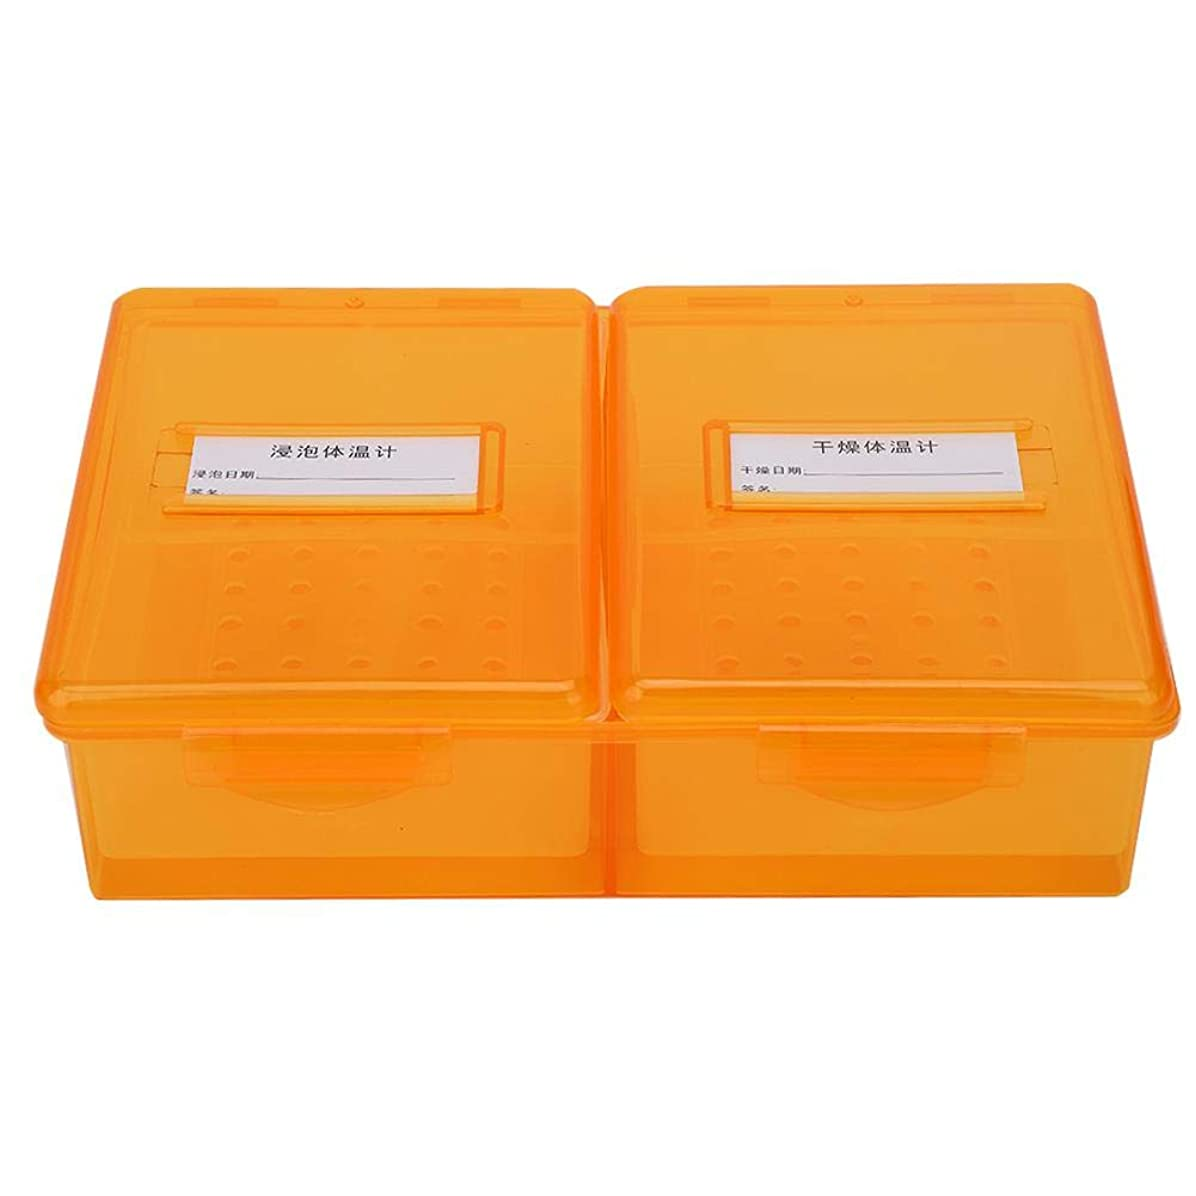 人道的ボトル貧しい滅菌ケース、多機能ピンセットネイルツール滅菌ボックス(オレンジ)